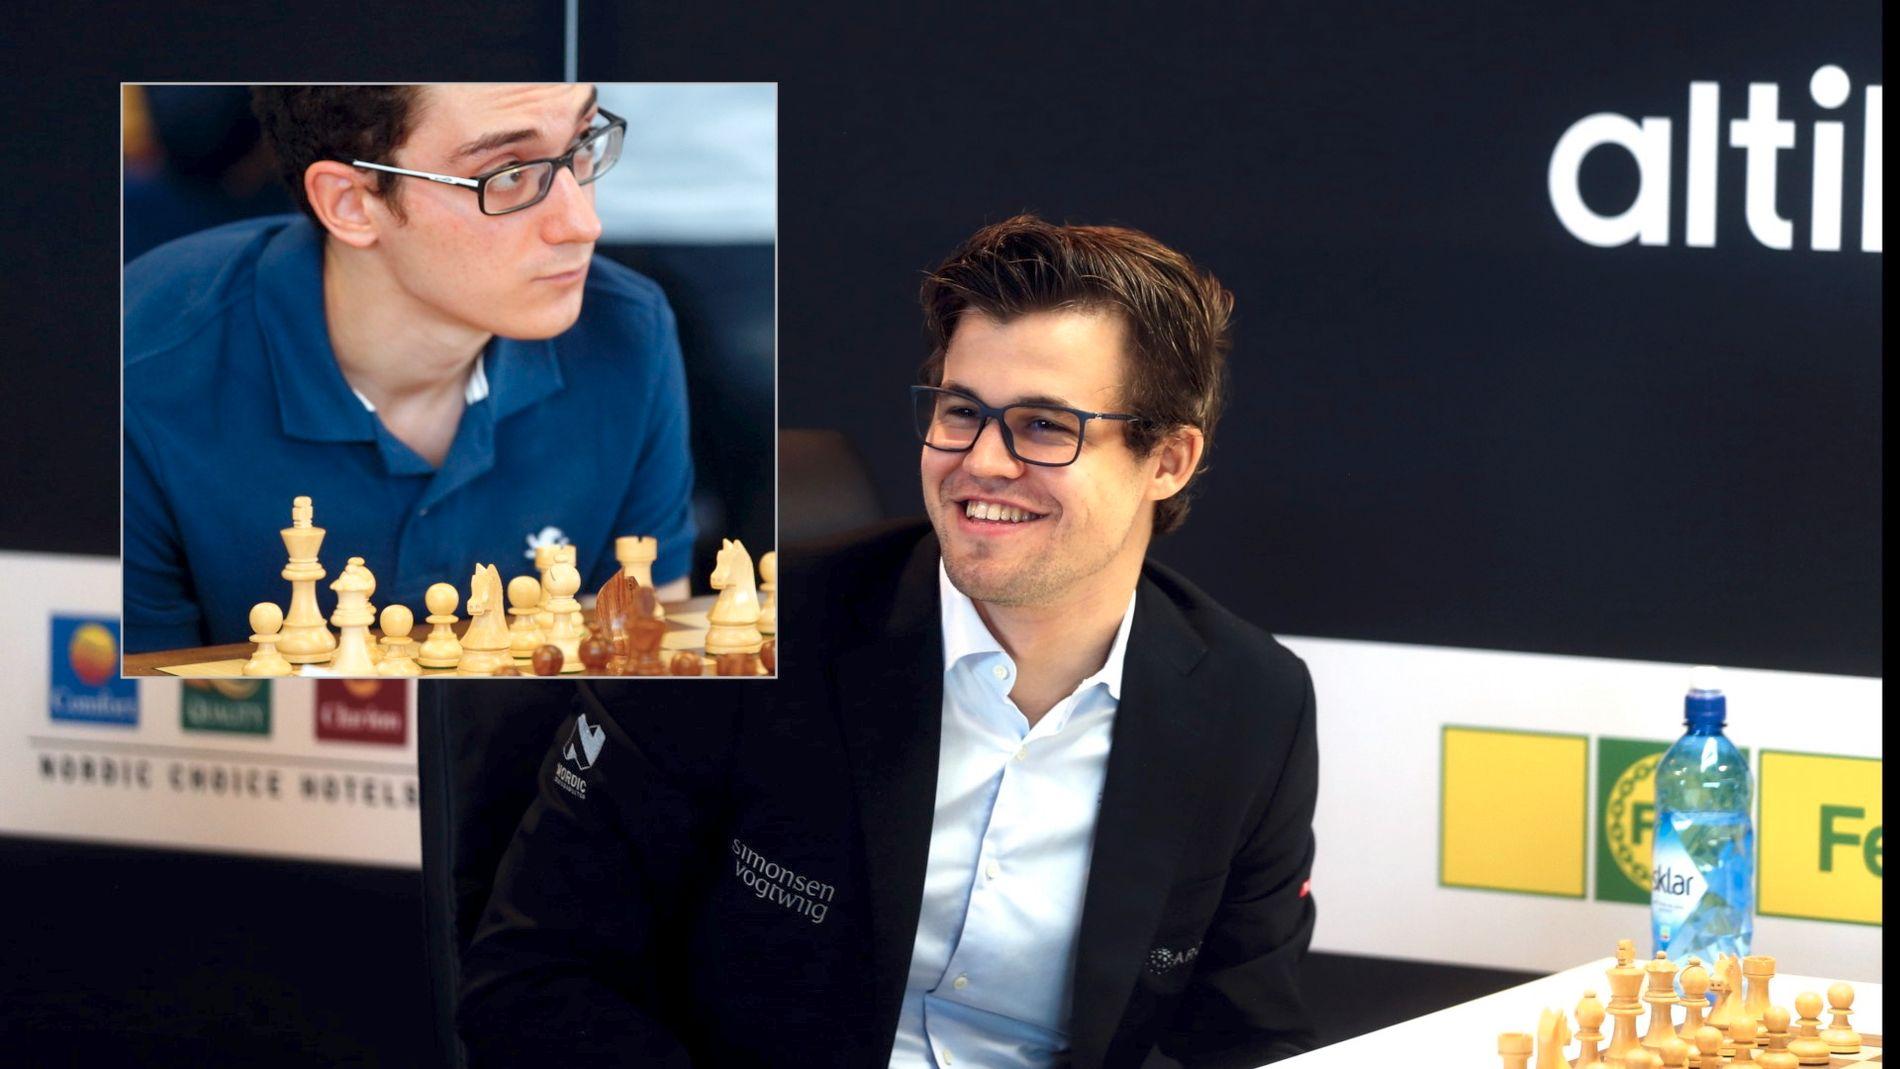 ANGREPSSJAKK? Det kan bli et bra oppgjør mellom Fabiano Caruana (innfelt) og Magnus Carlsen i onsdagens runde i Norway Chess.